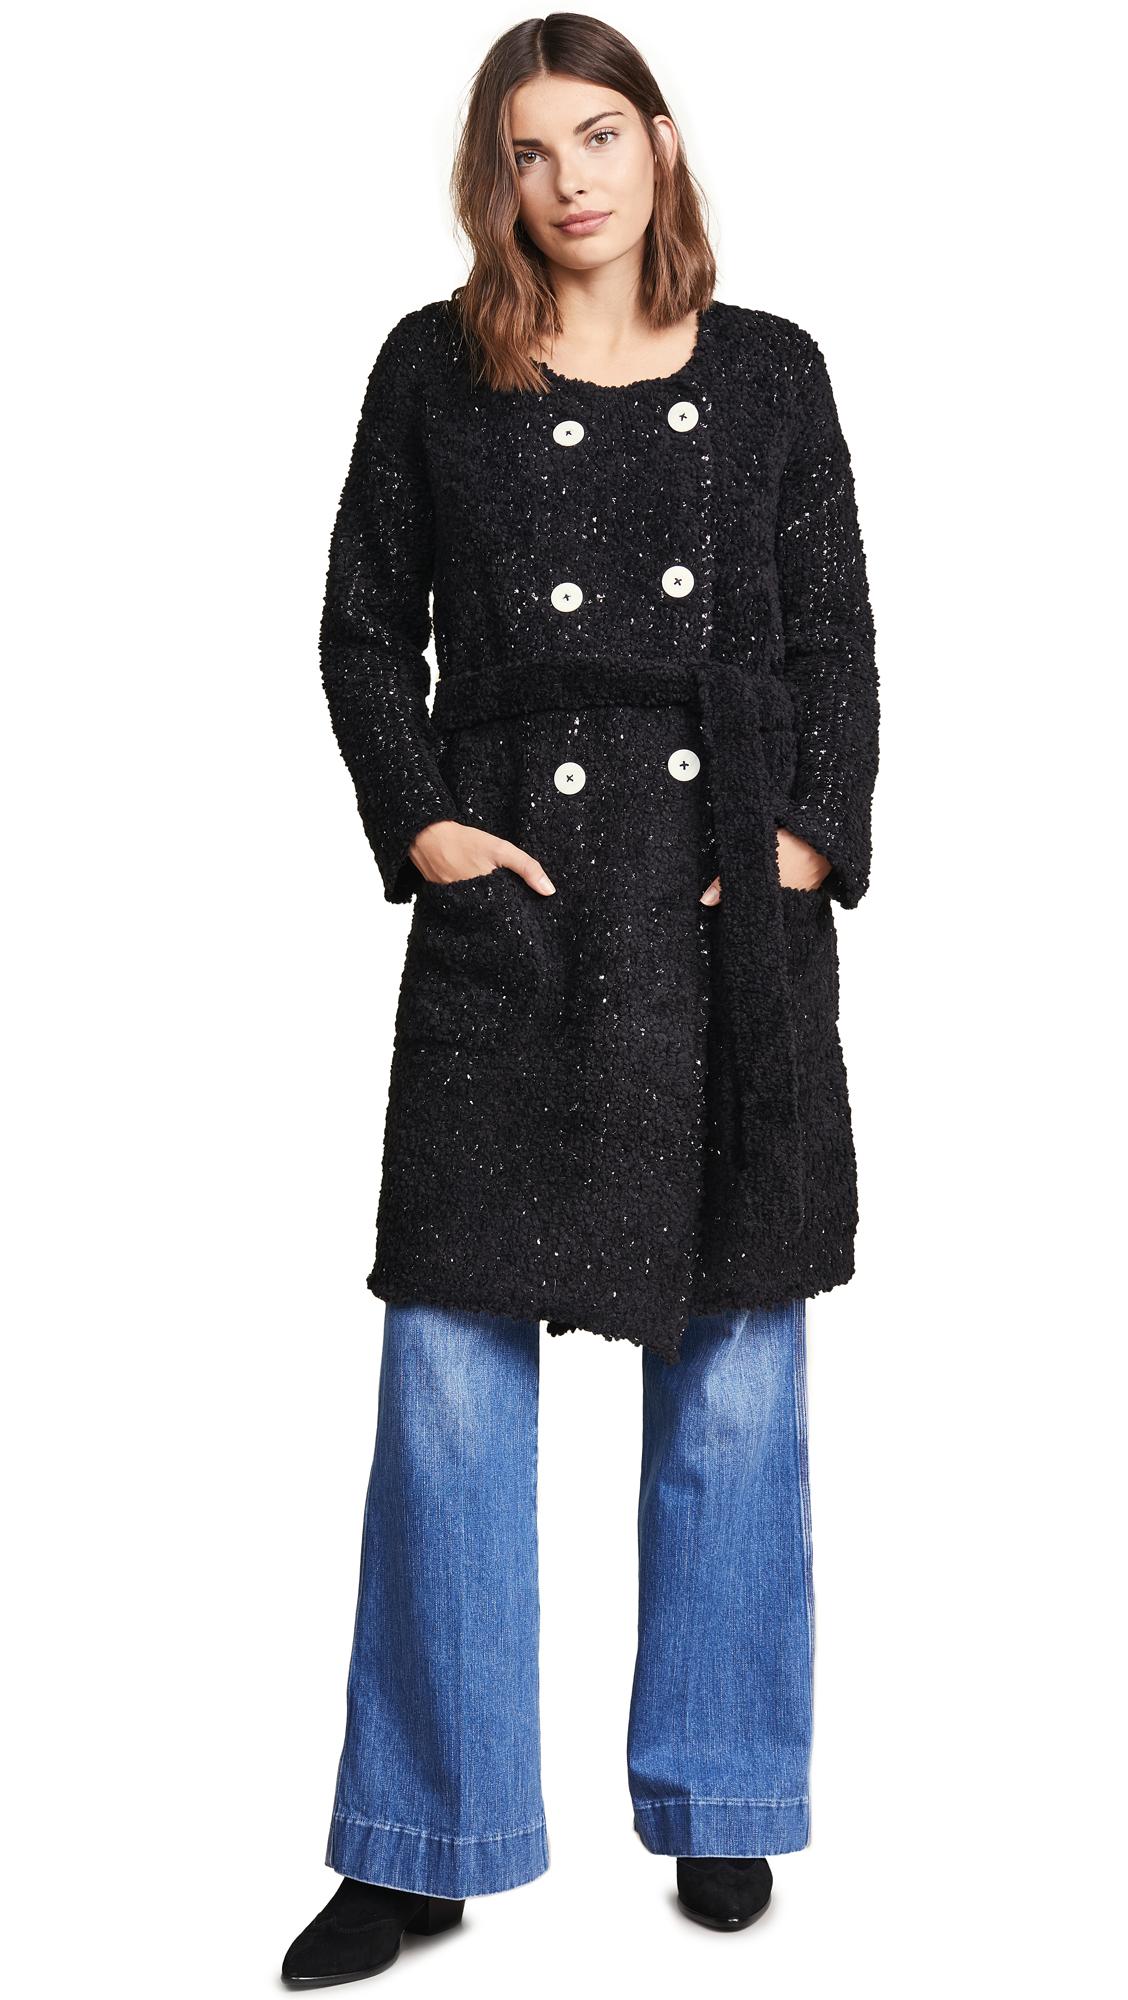 Jason Wu Grey Boucle Double Breasted Coat